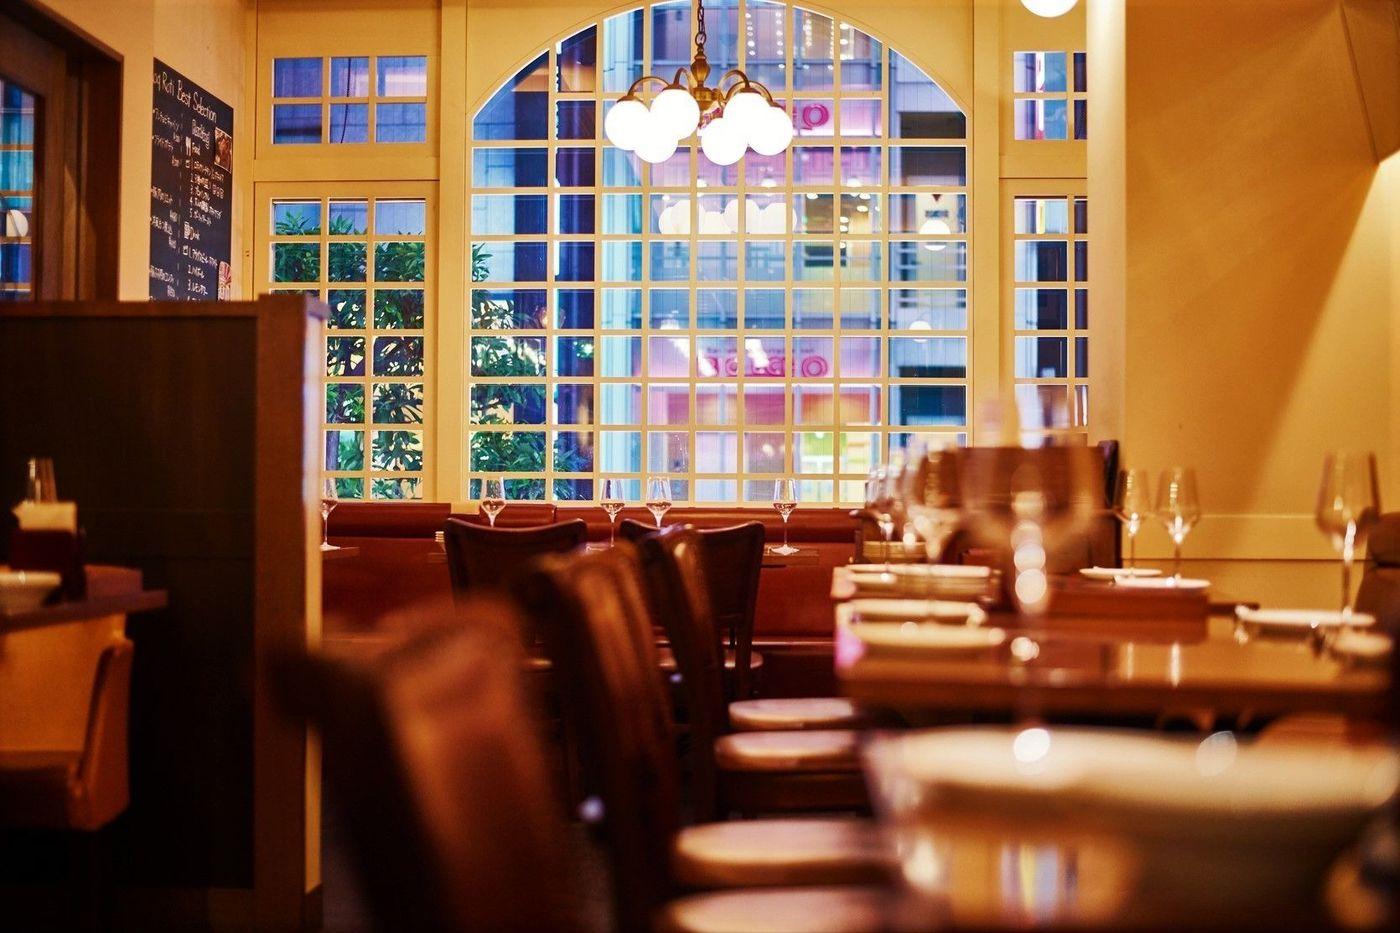 池袋のおしゃれカフェ♡人気&おすすめのカフェ18選の画像